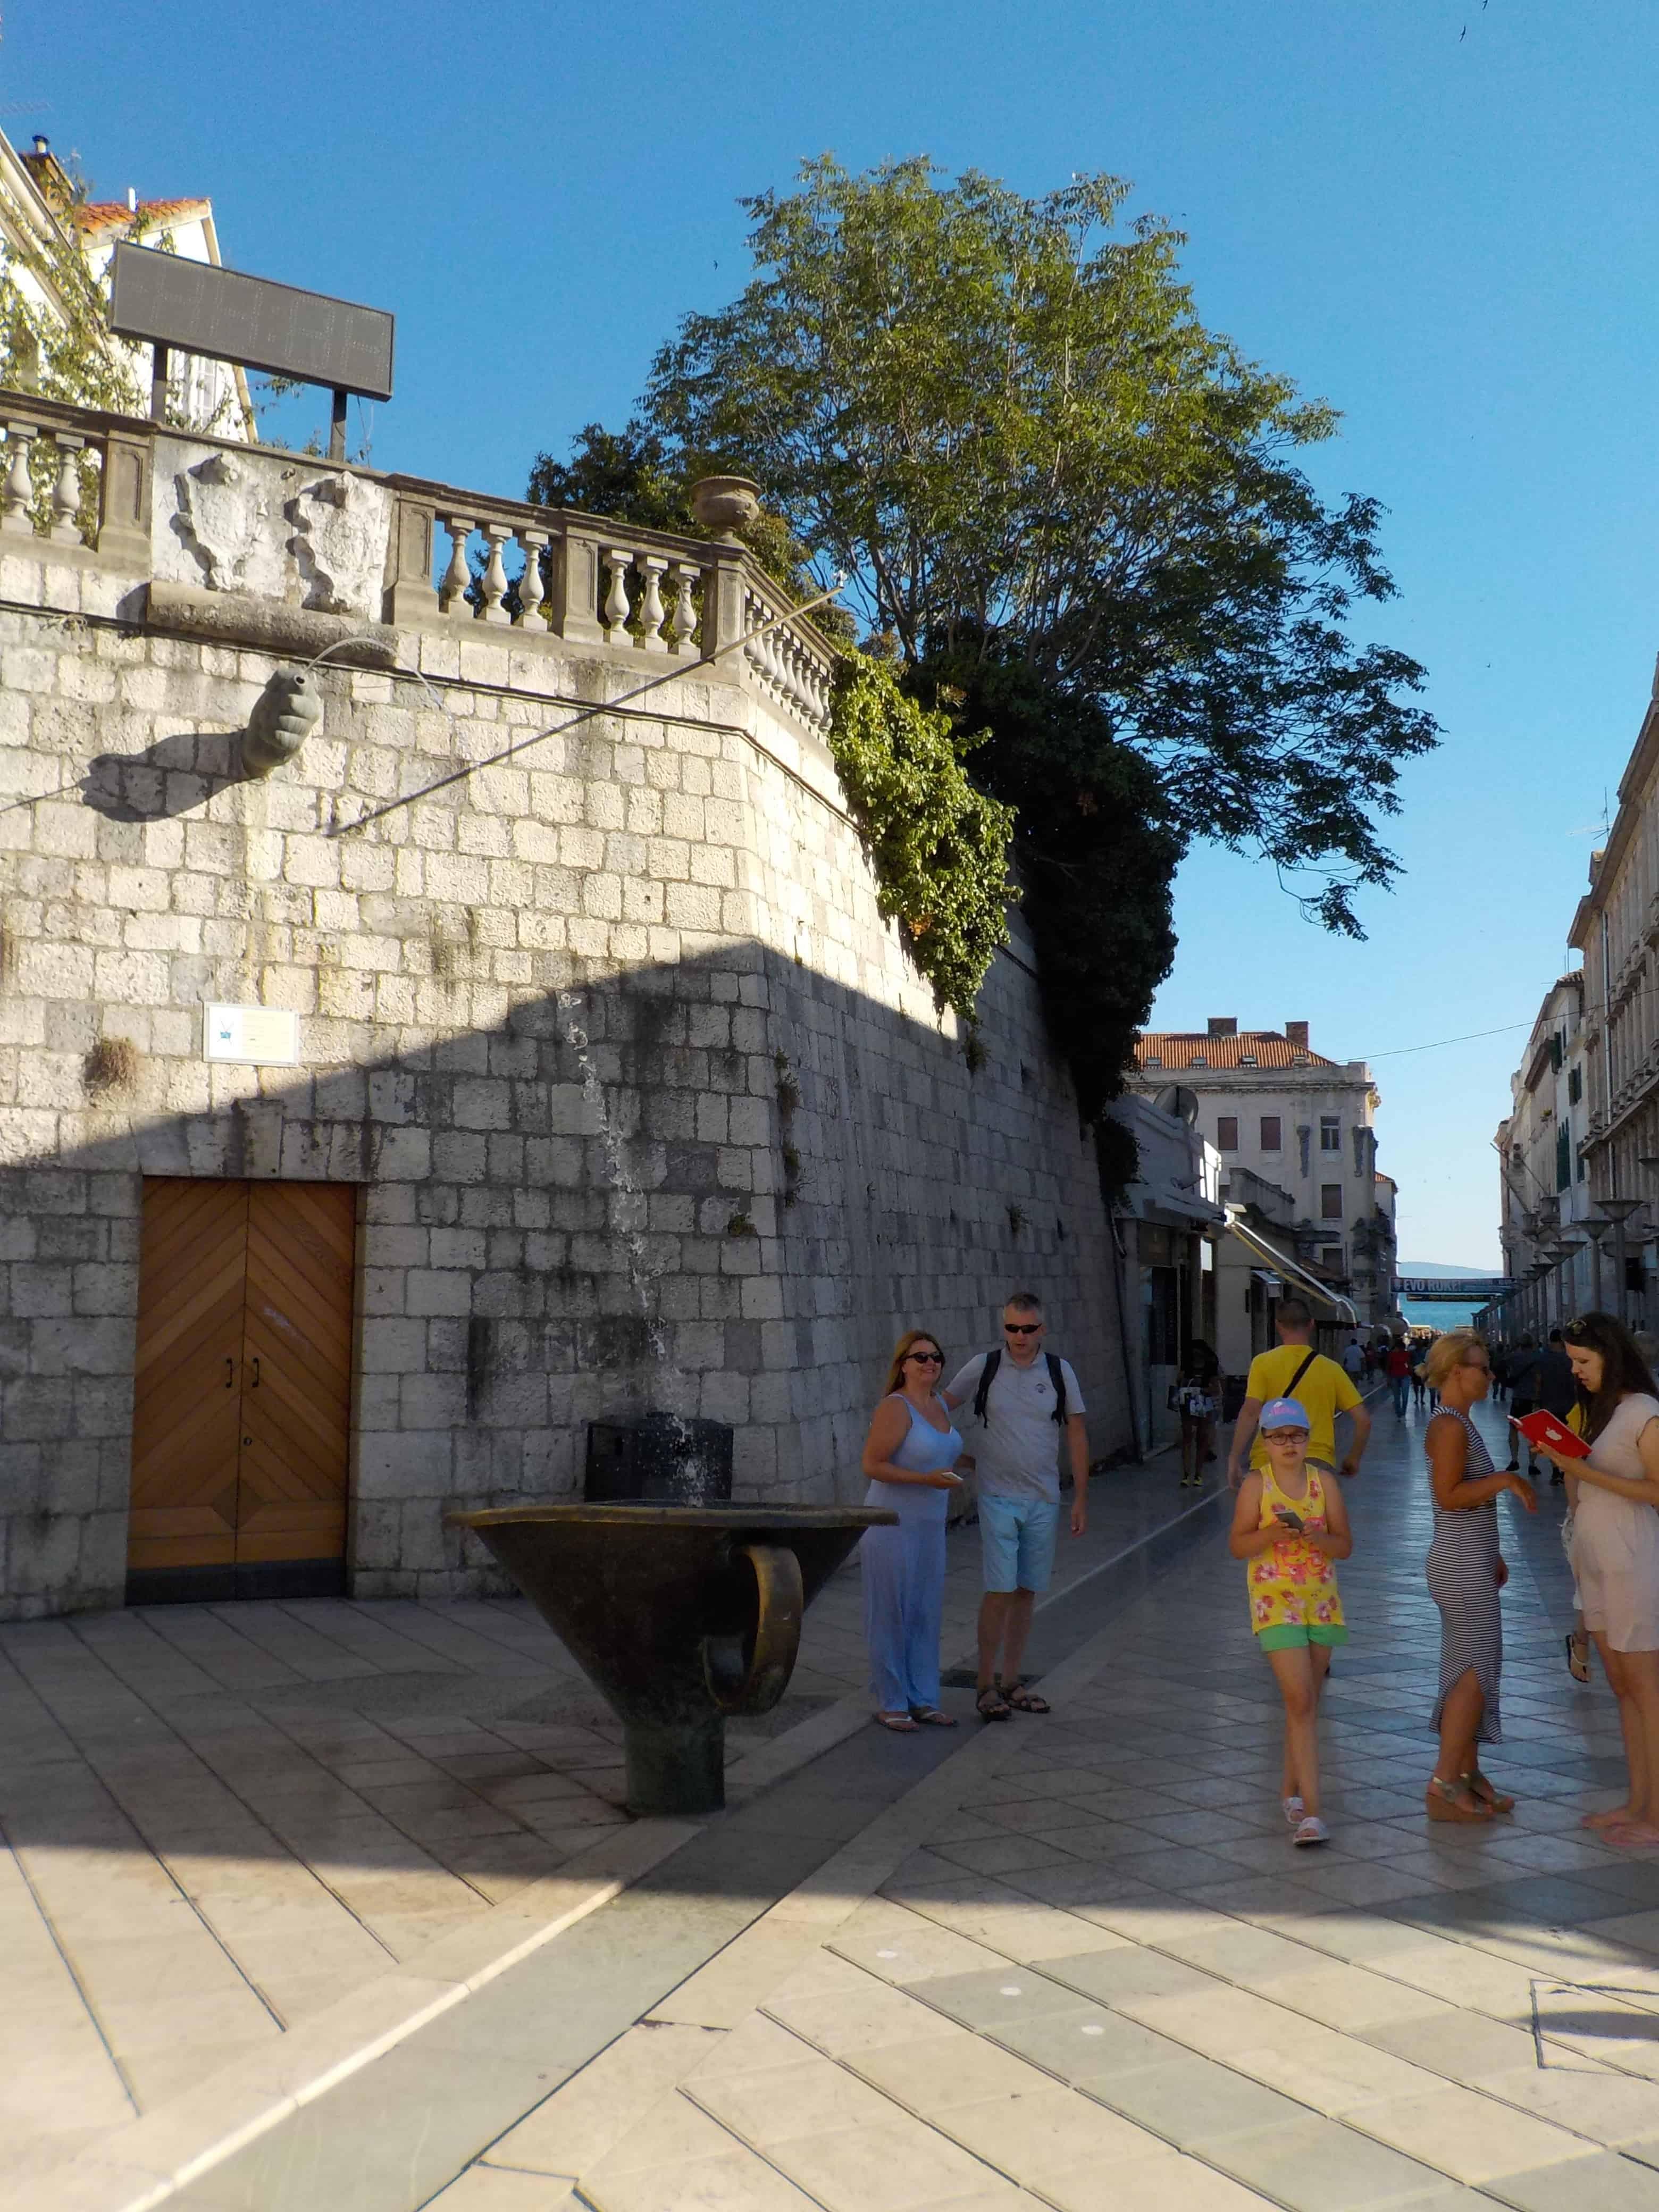 Unique Fountain in Split Croatia